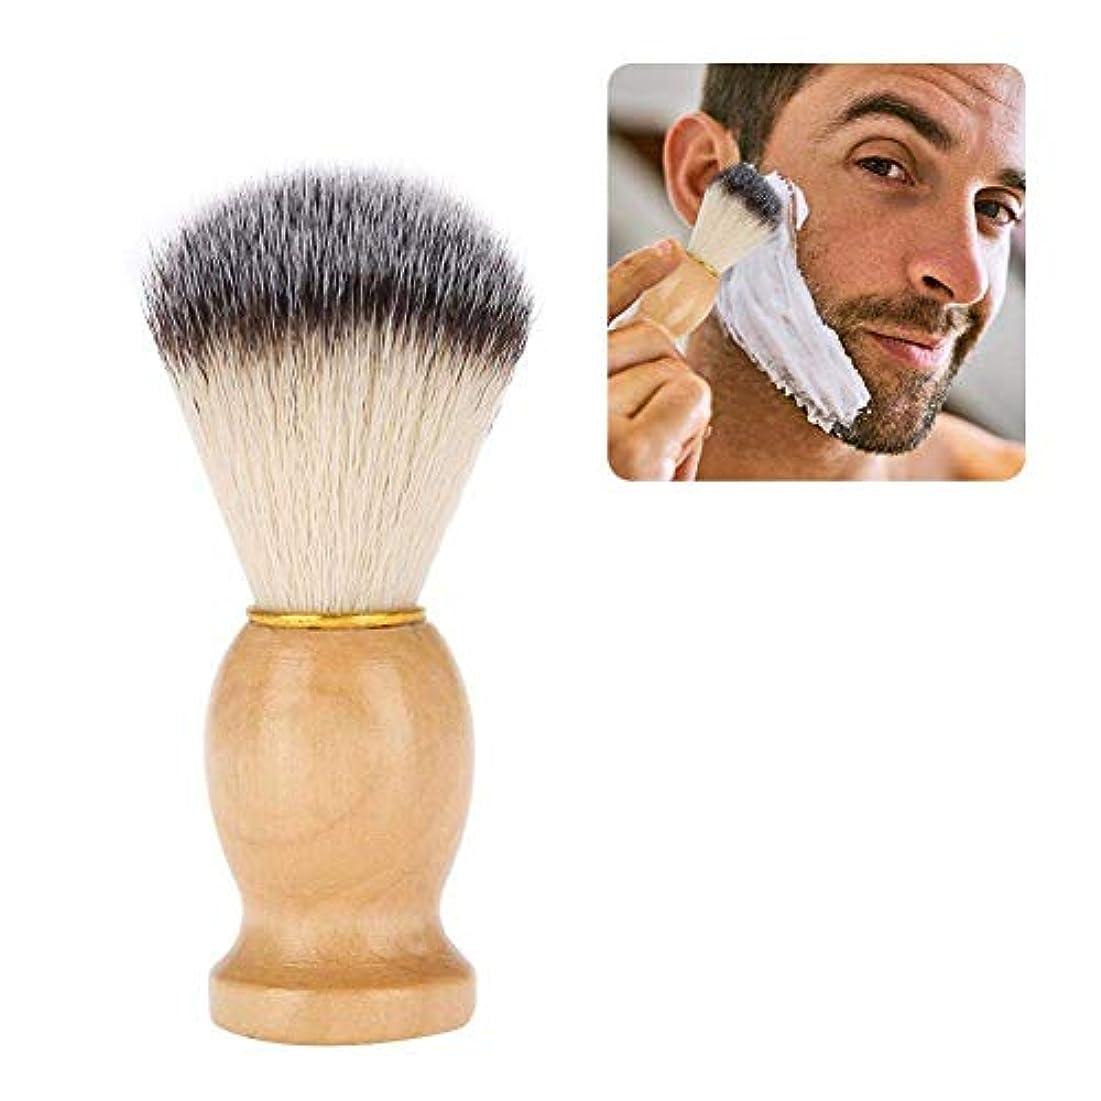 期待するバスタブ準備した1個 シェービングブラシ 髭剃り メンズ ポータブルひげ剃り美容ツール